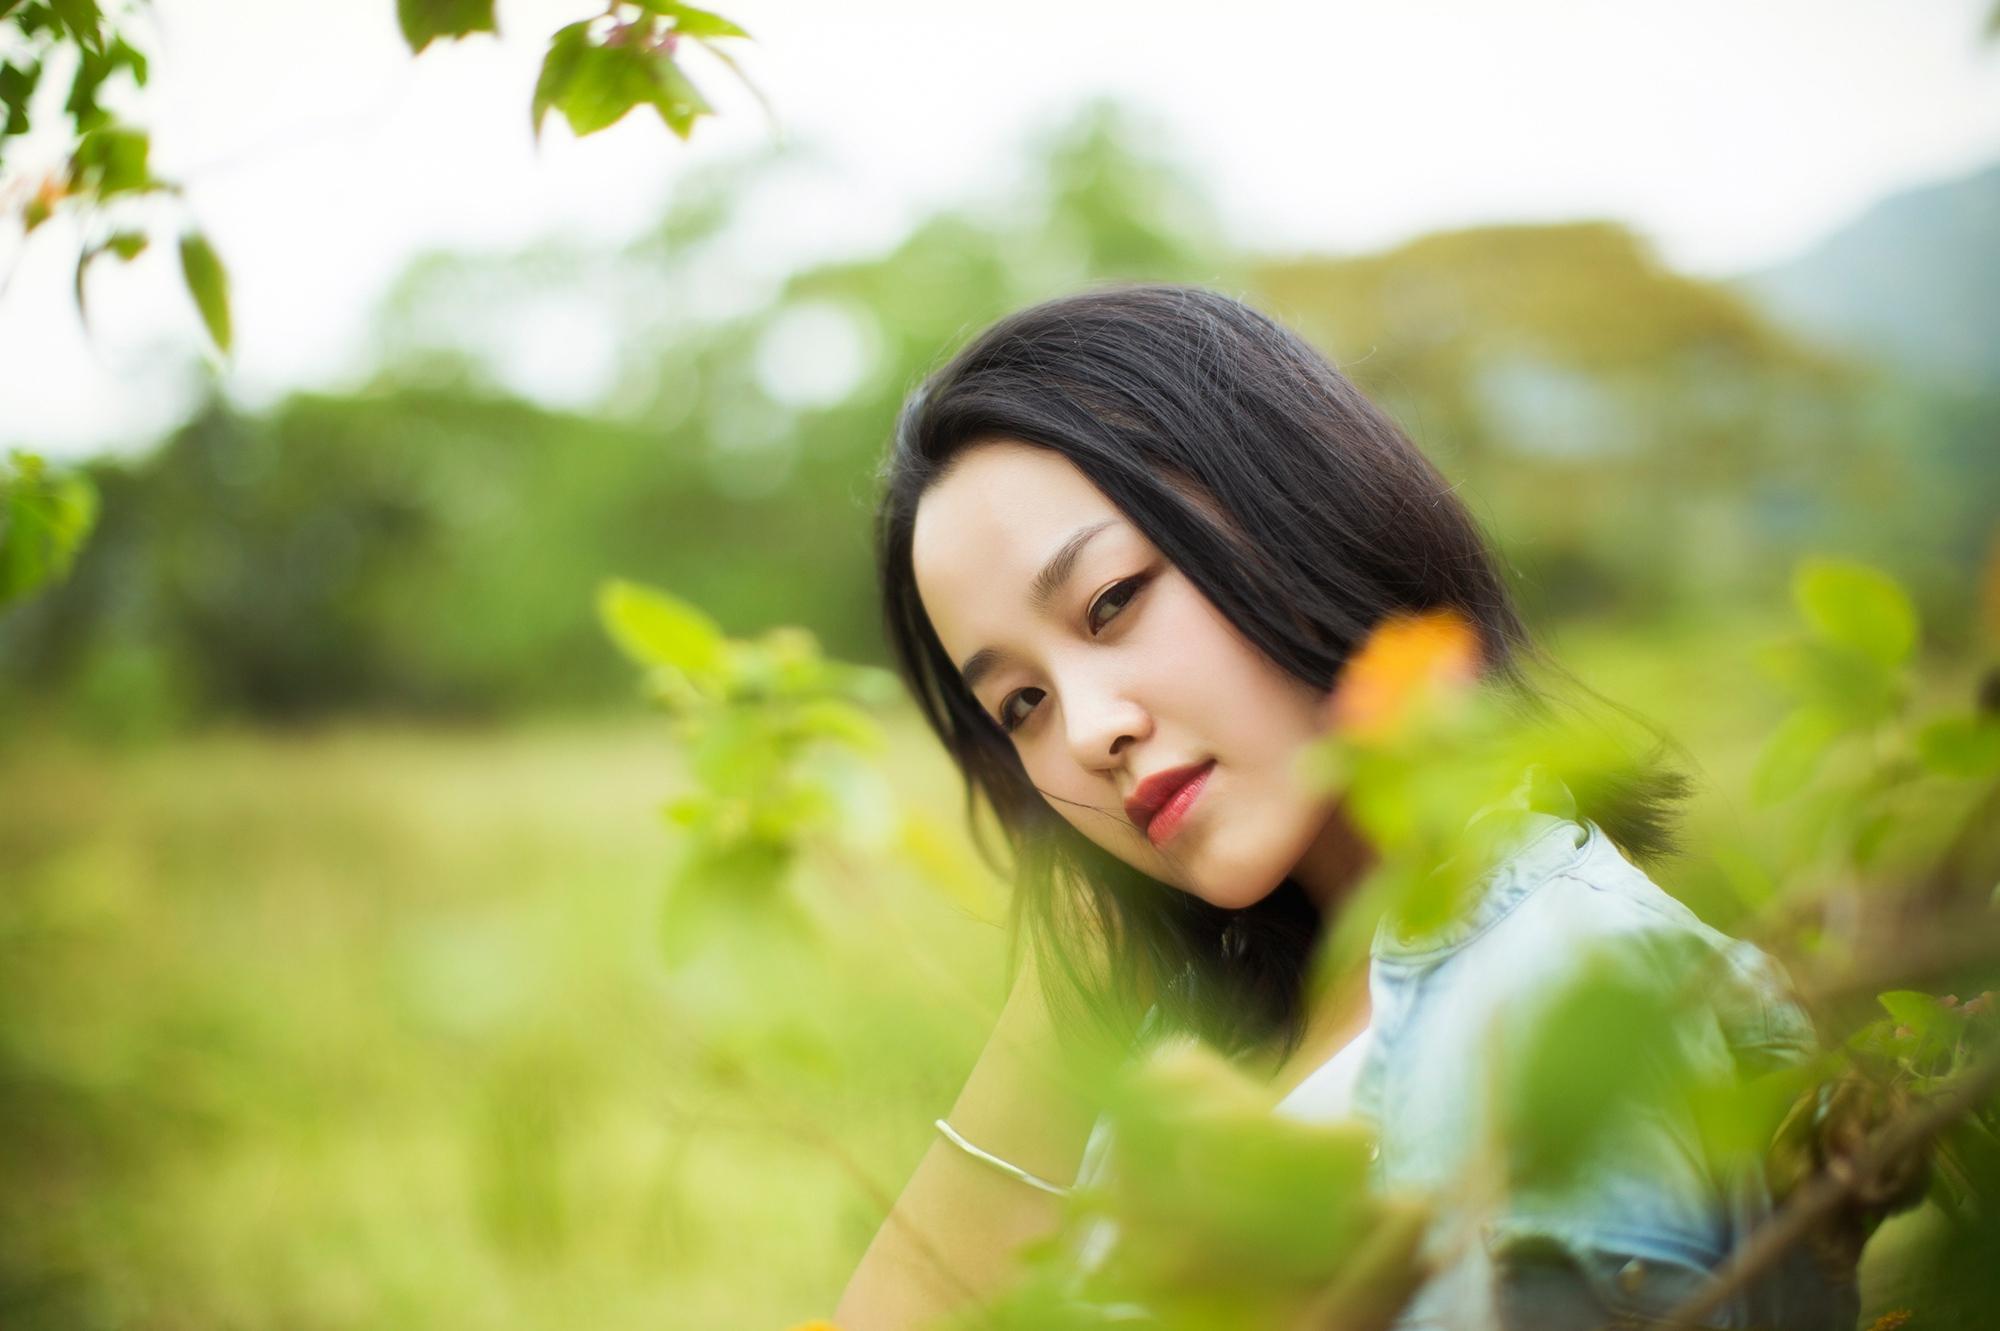 绿野 - 花開有聲 - 花開有聲